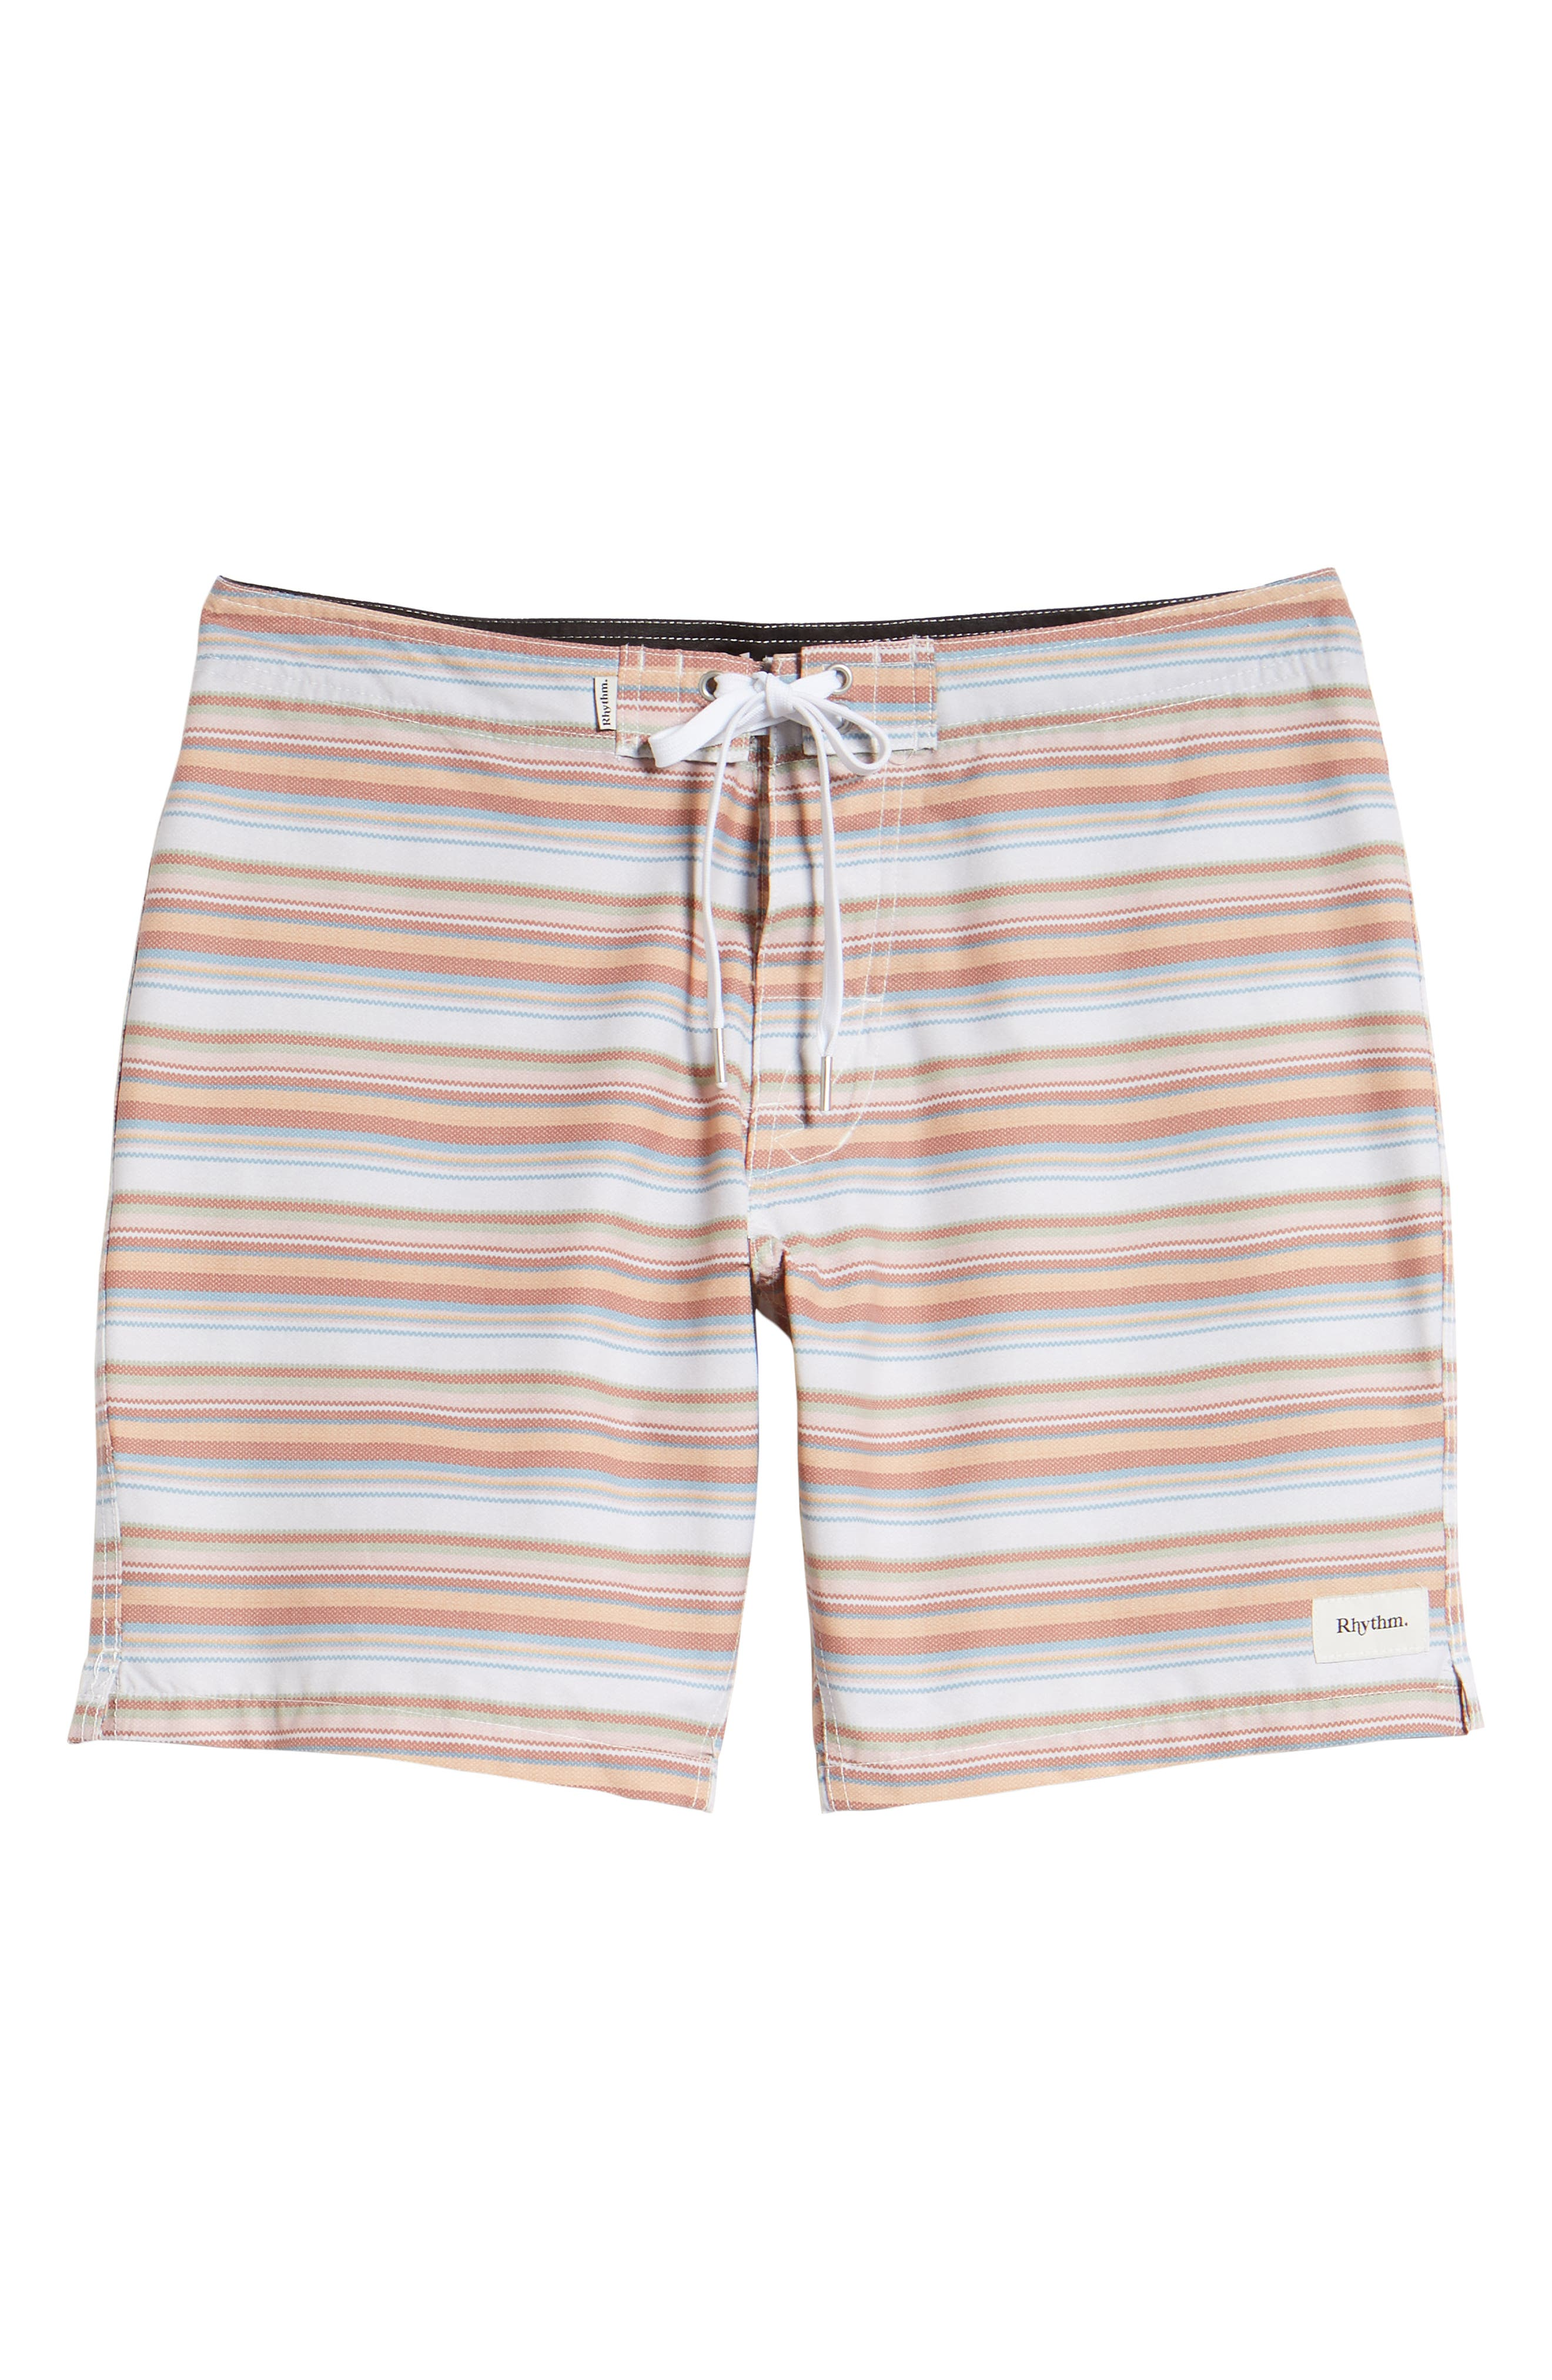 Tuscan Stripe Swim Trunks,                             Alternate thumbnail 6, color,                             TERRACOTTA